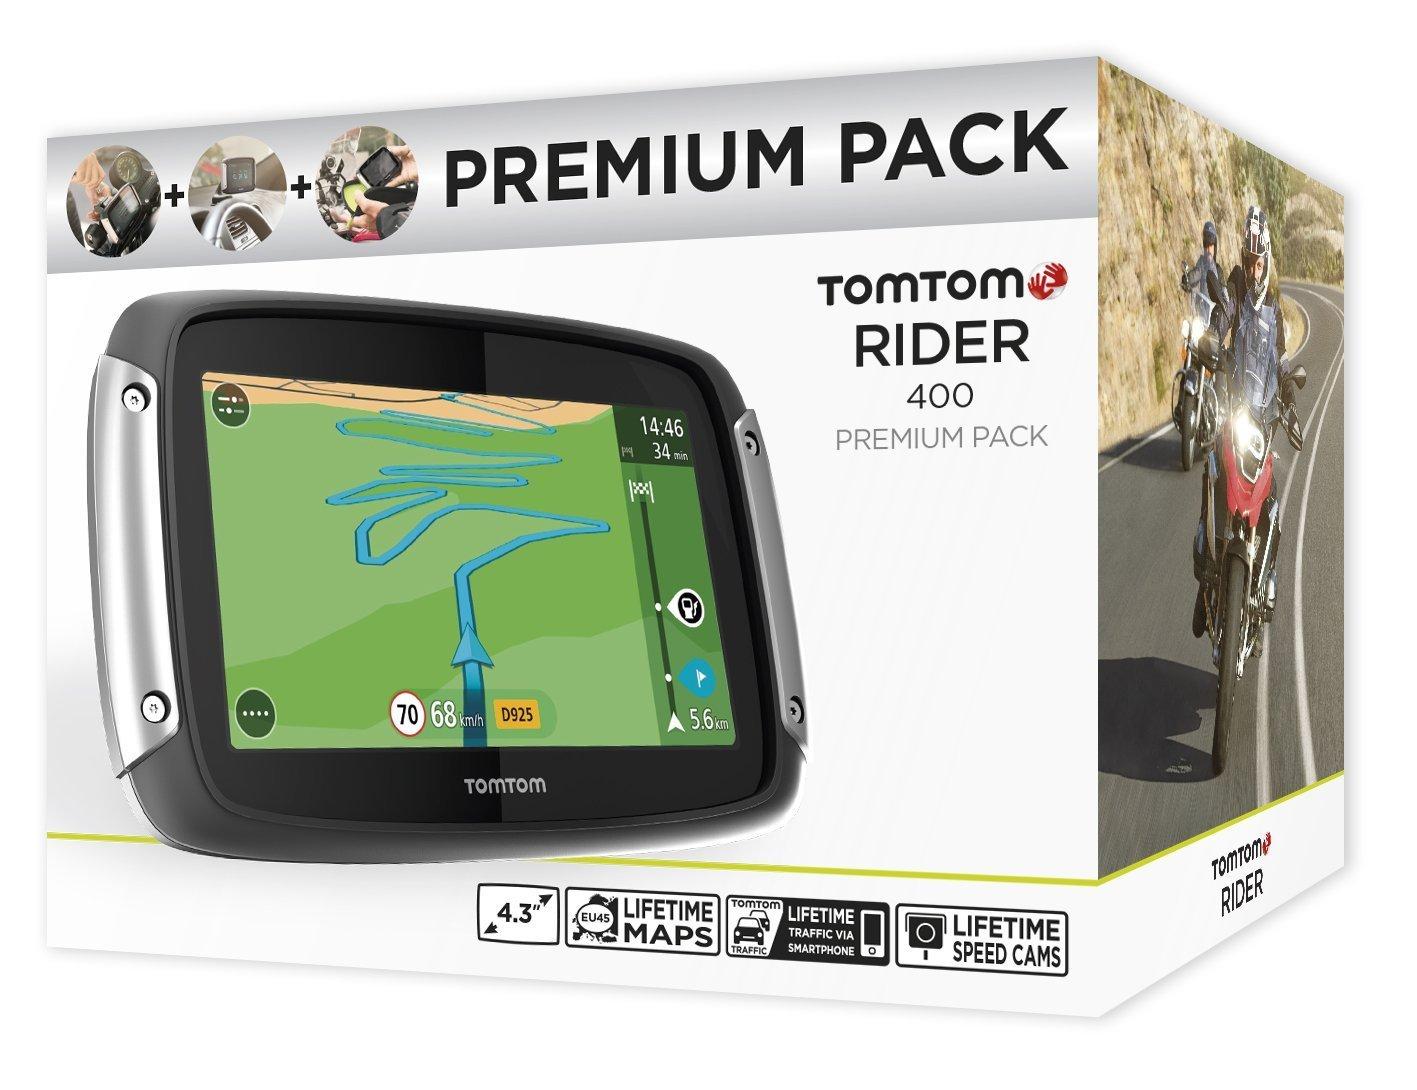 Display, kurvenreiche Strecke, Lifetime TomTom Traffic 10,9 cm TomTom Rider 400 Premium Pack Motorradnavigationsger/ät schwarz 4,3 Zoll